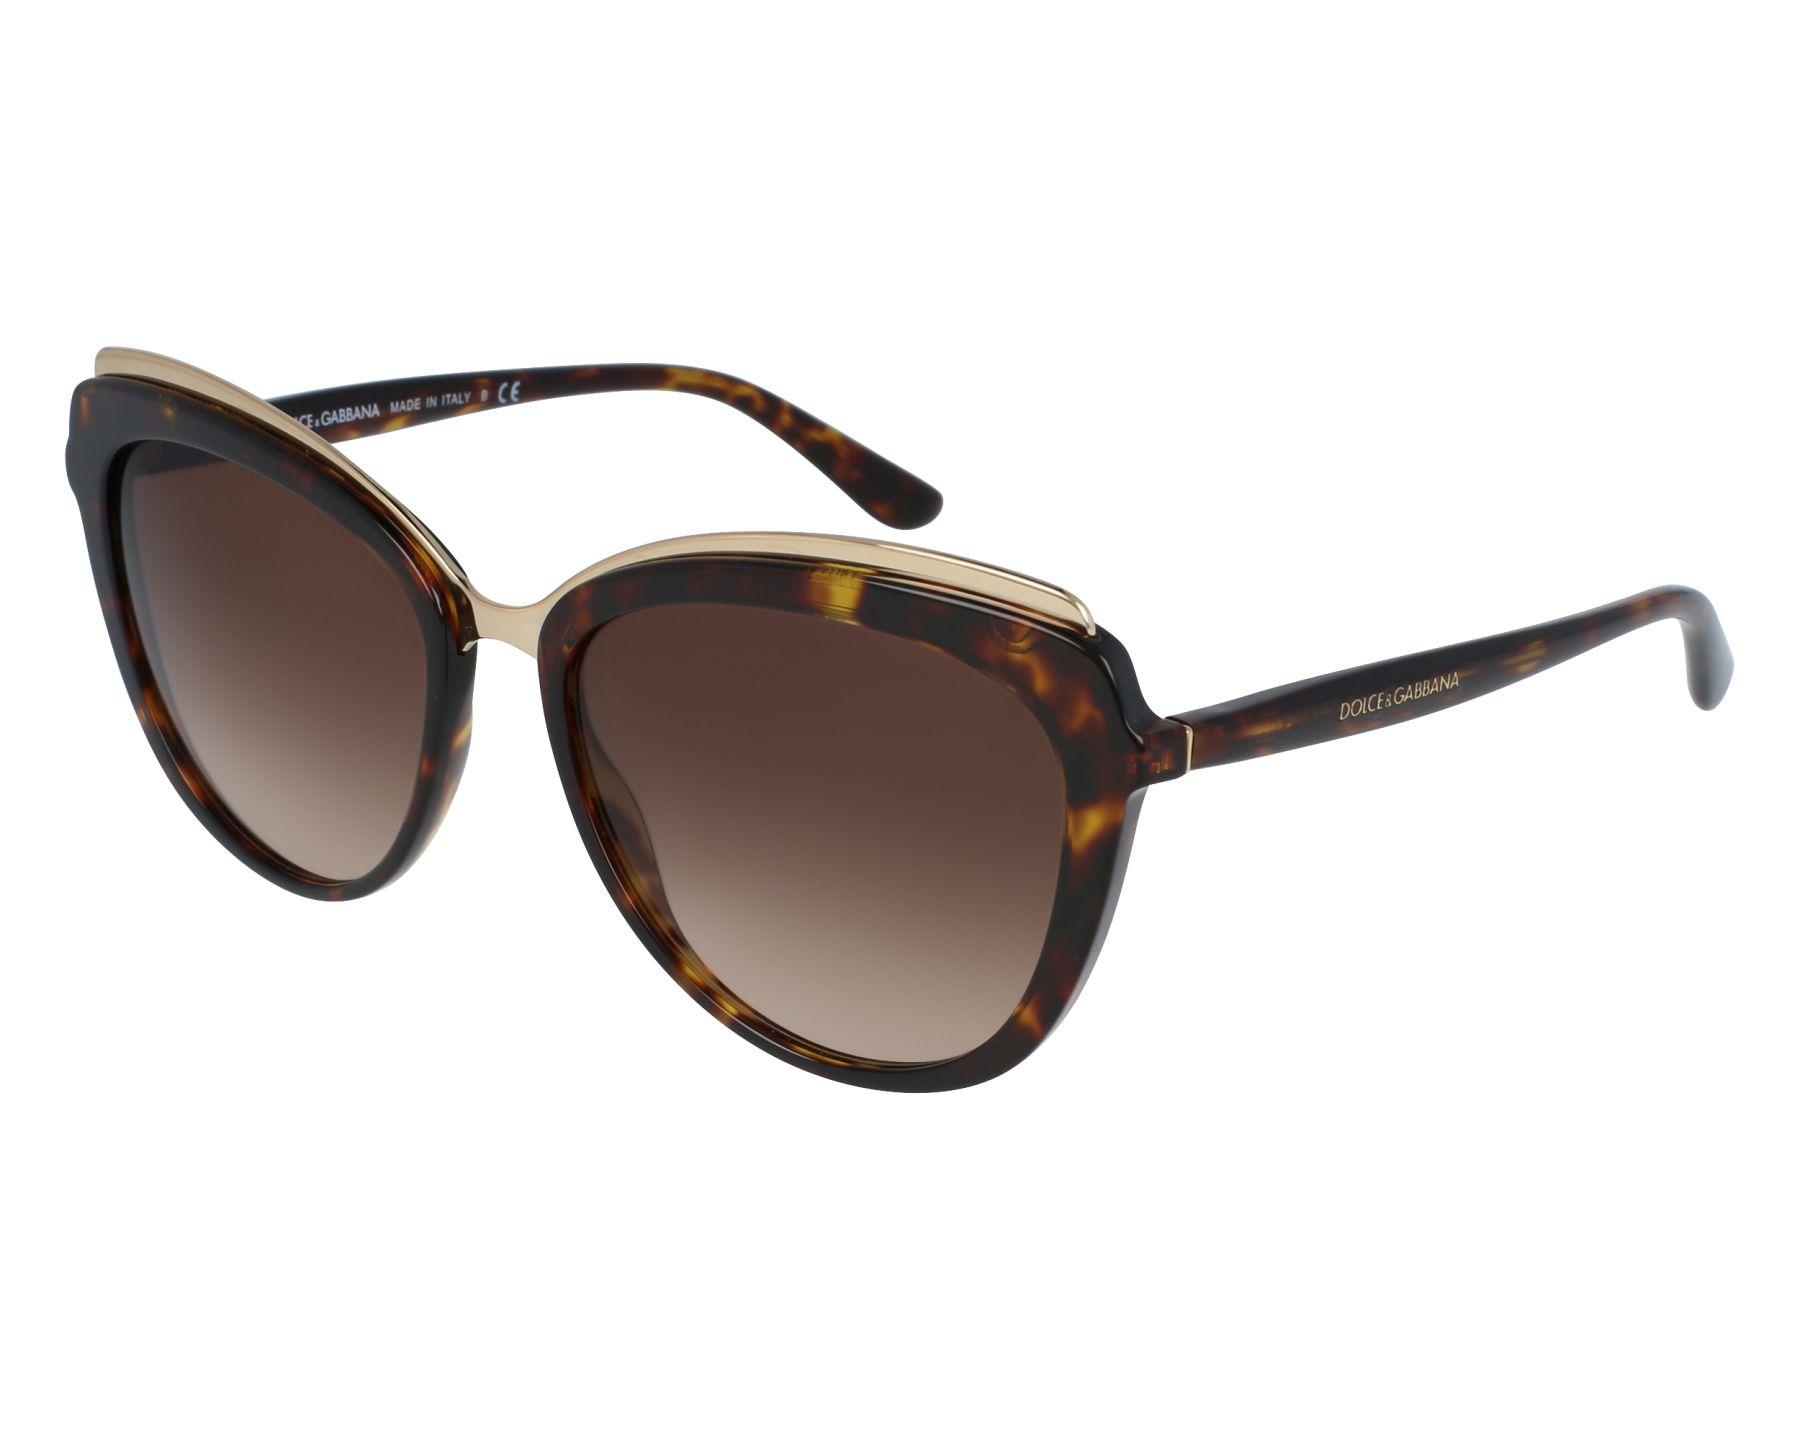 Authentic DOLCE /& GABBANA Womens Vintage Sunglasses GOLD DG 4304 502//13 28587